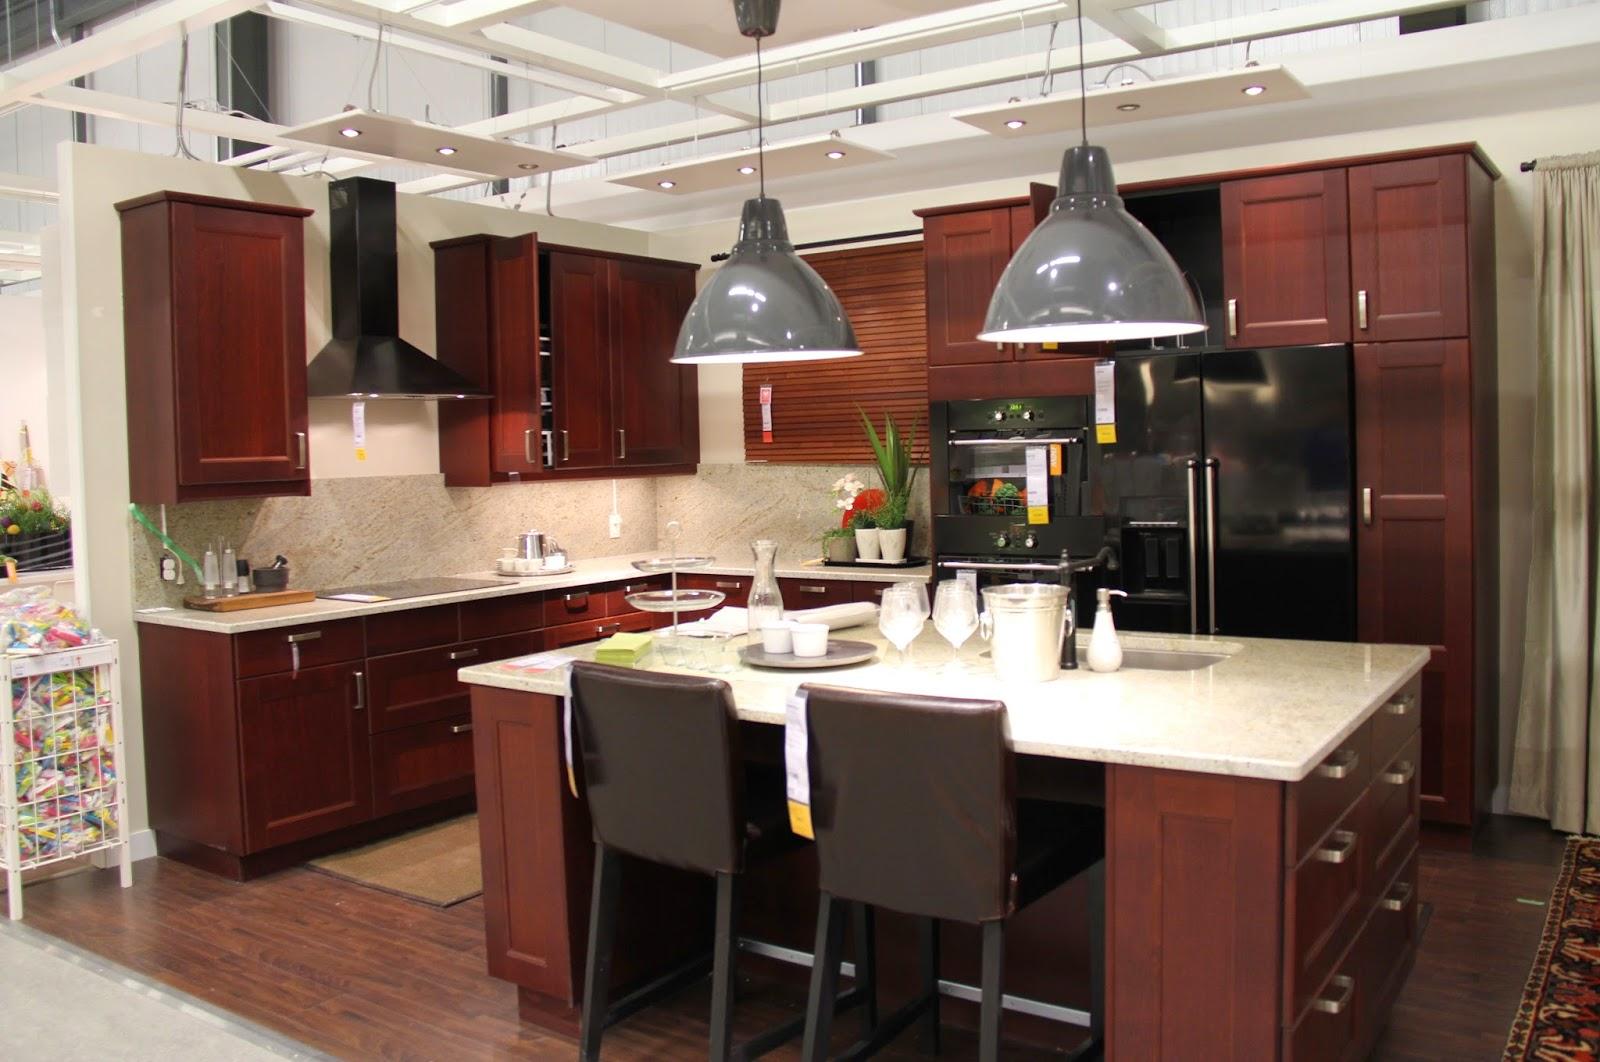 ikea-lille-moderne-køkken-design-ideer